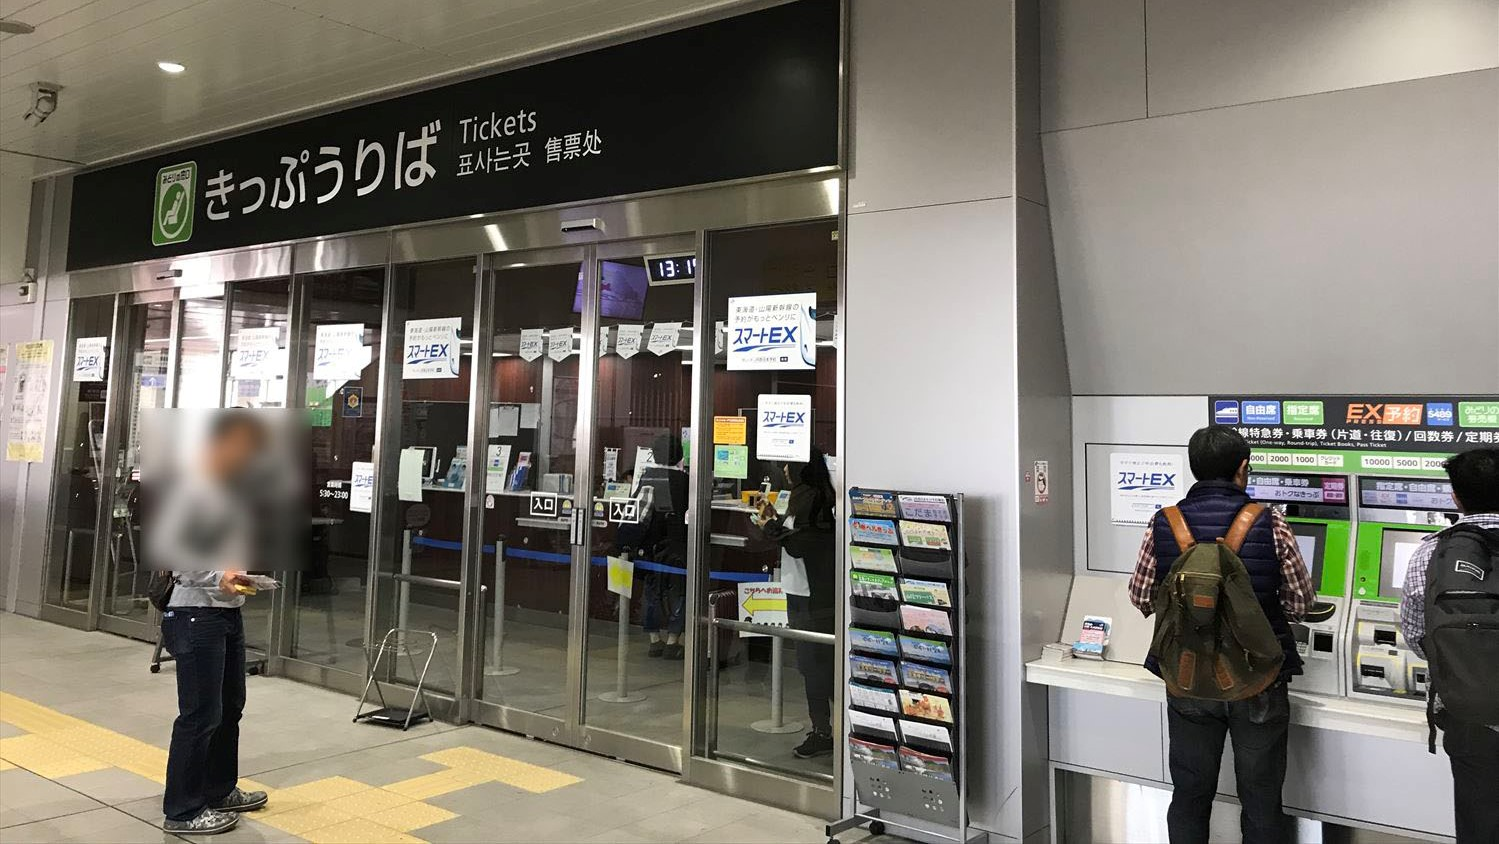 徳山駅みどりの窓口